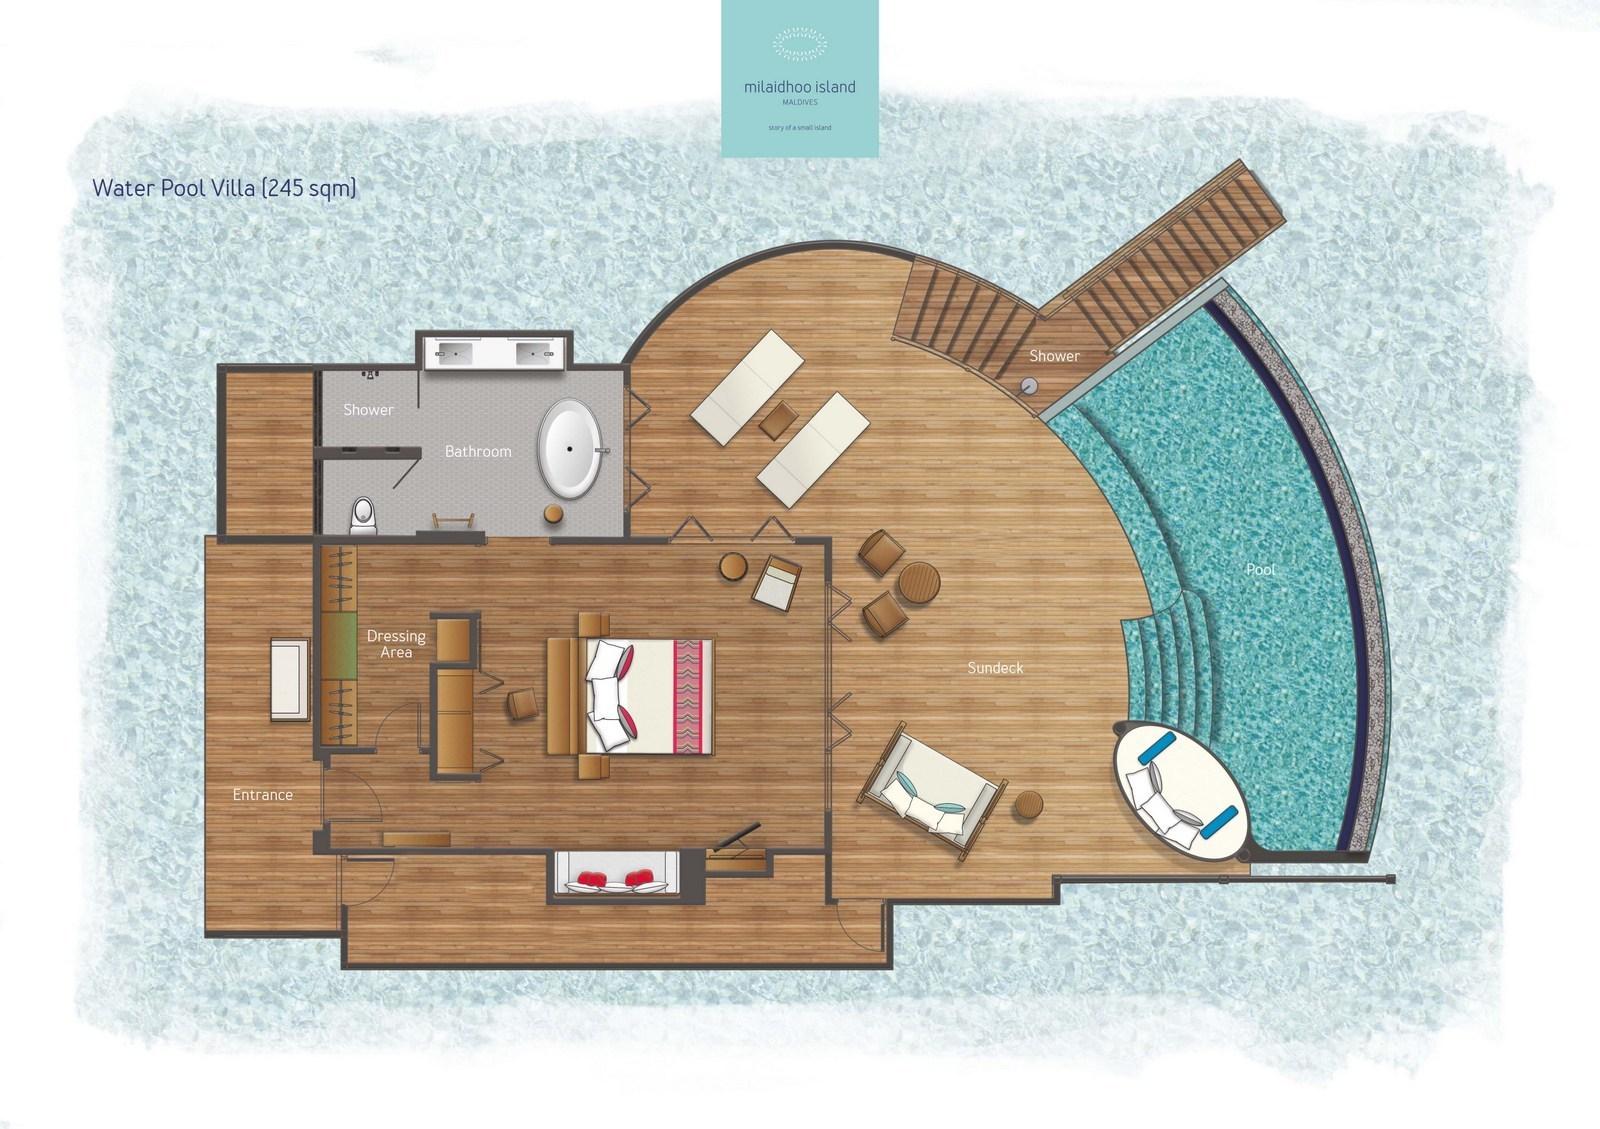 Мальдивы, отель Milaidhoo Island Maldives, план-схема номера Water Pool Villa